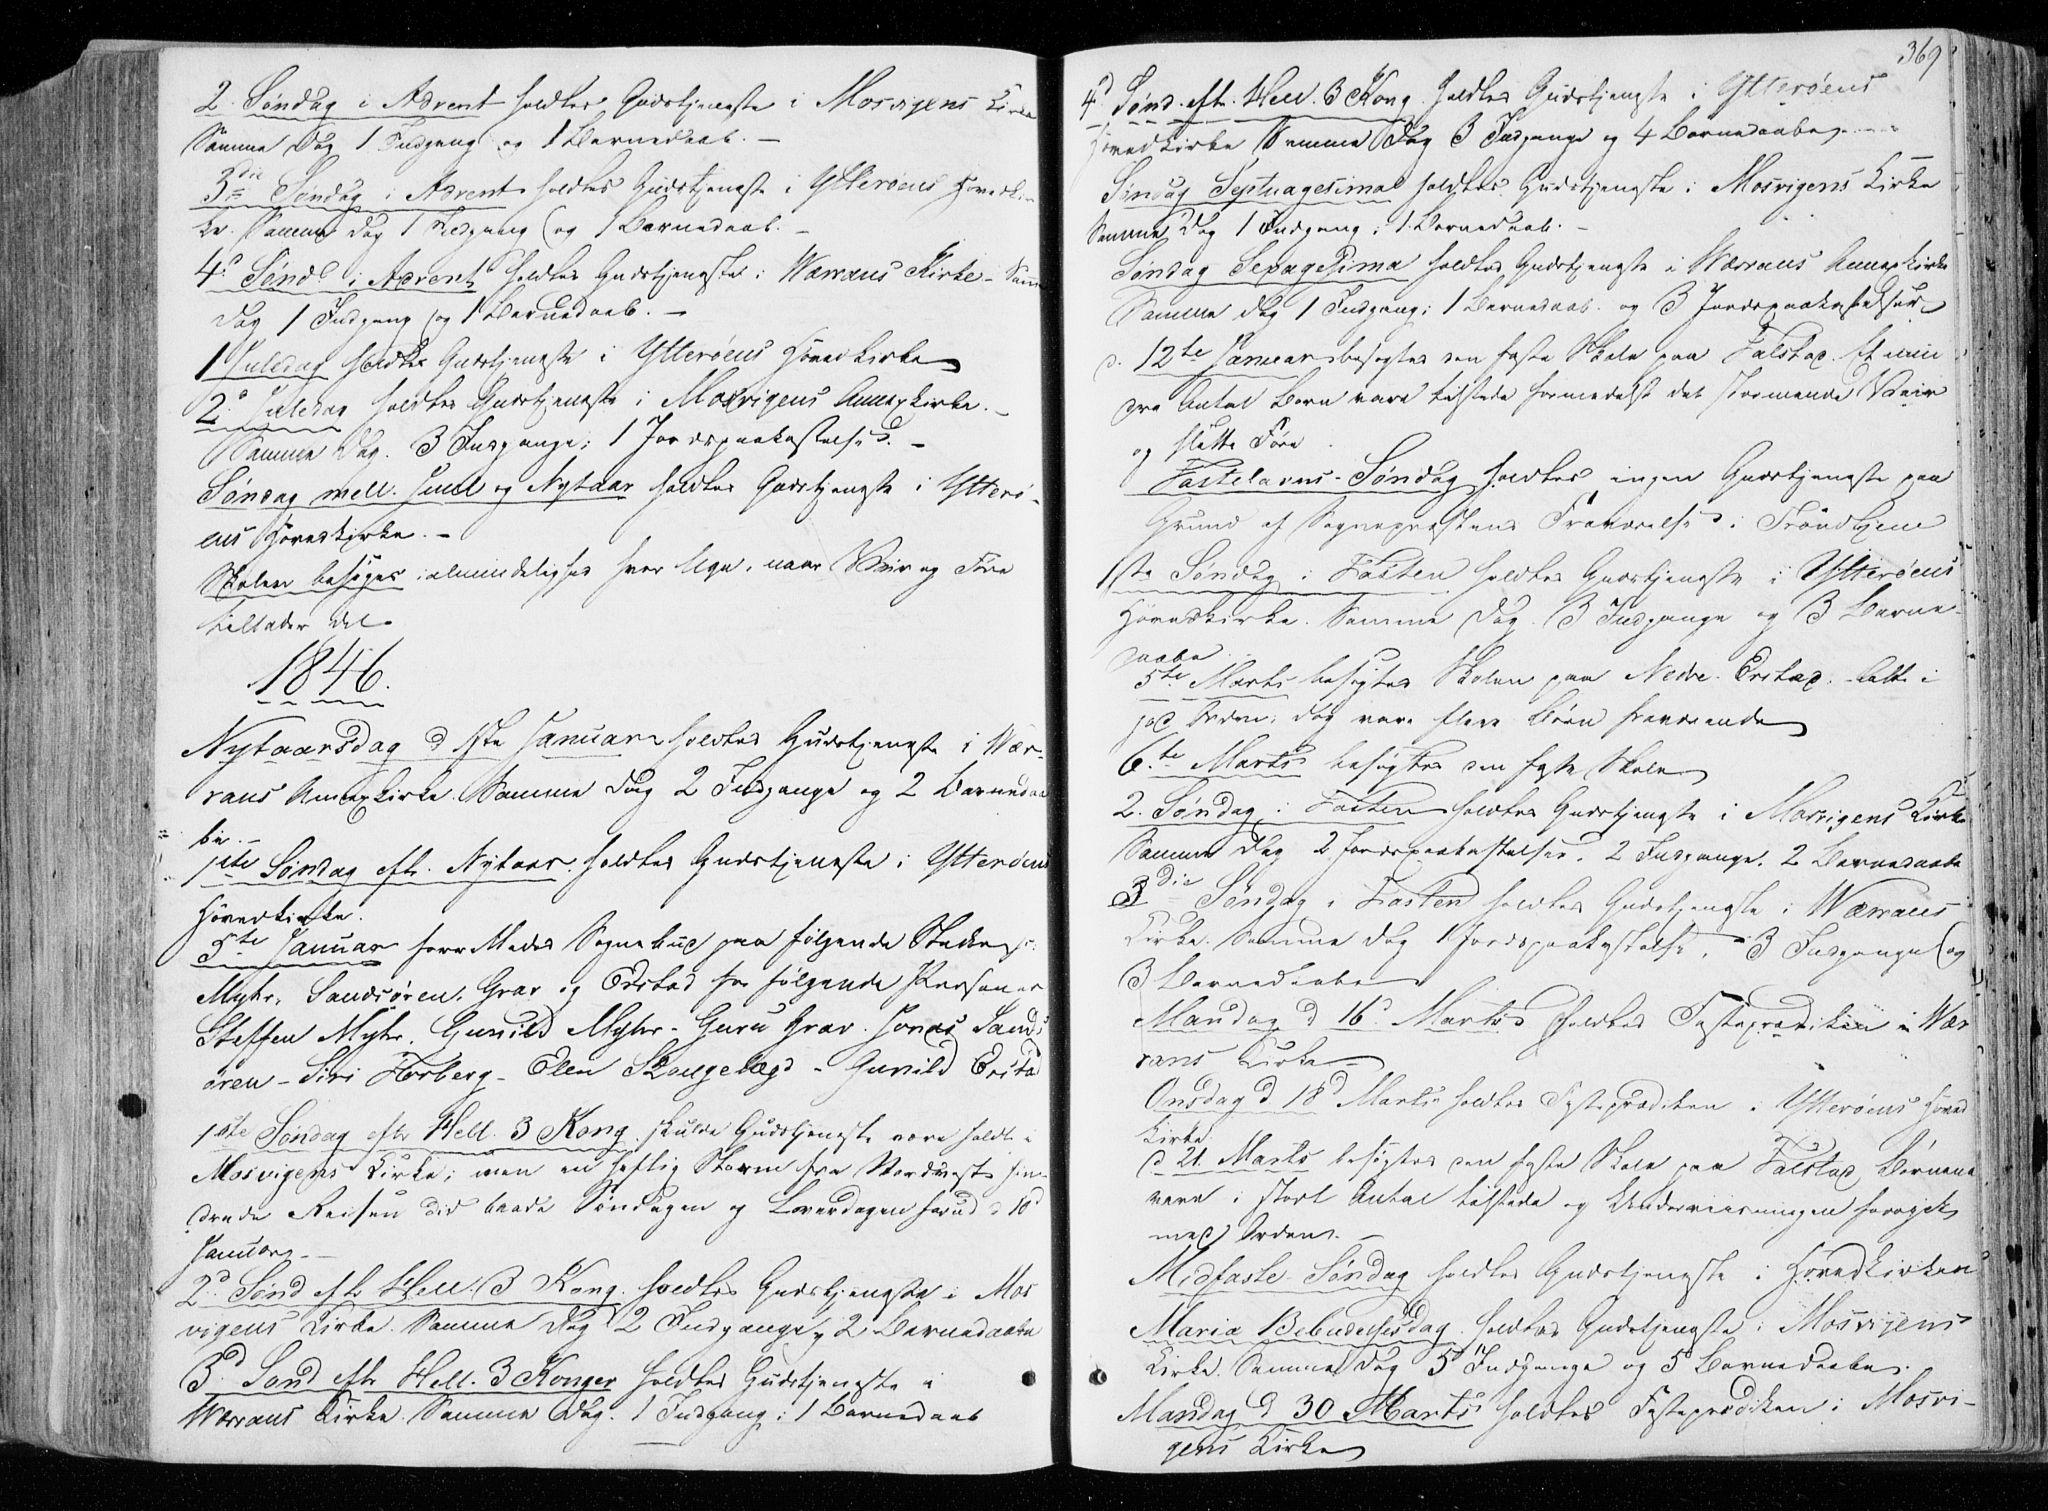 SAT, Ministerialprotokoller, klokkerbøker og fødselsregistre - Nord-Trøndelag, 722/L0218: Ministerialbok nr. 722A05, 1843-1868, s. 369